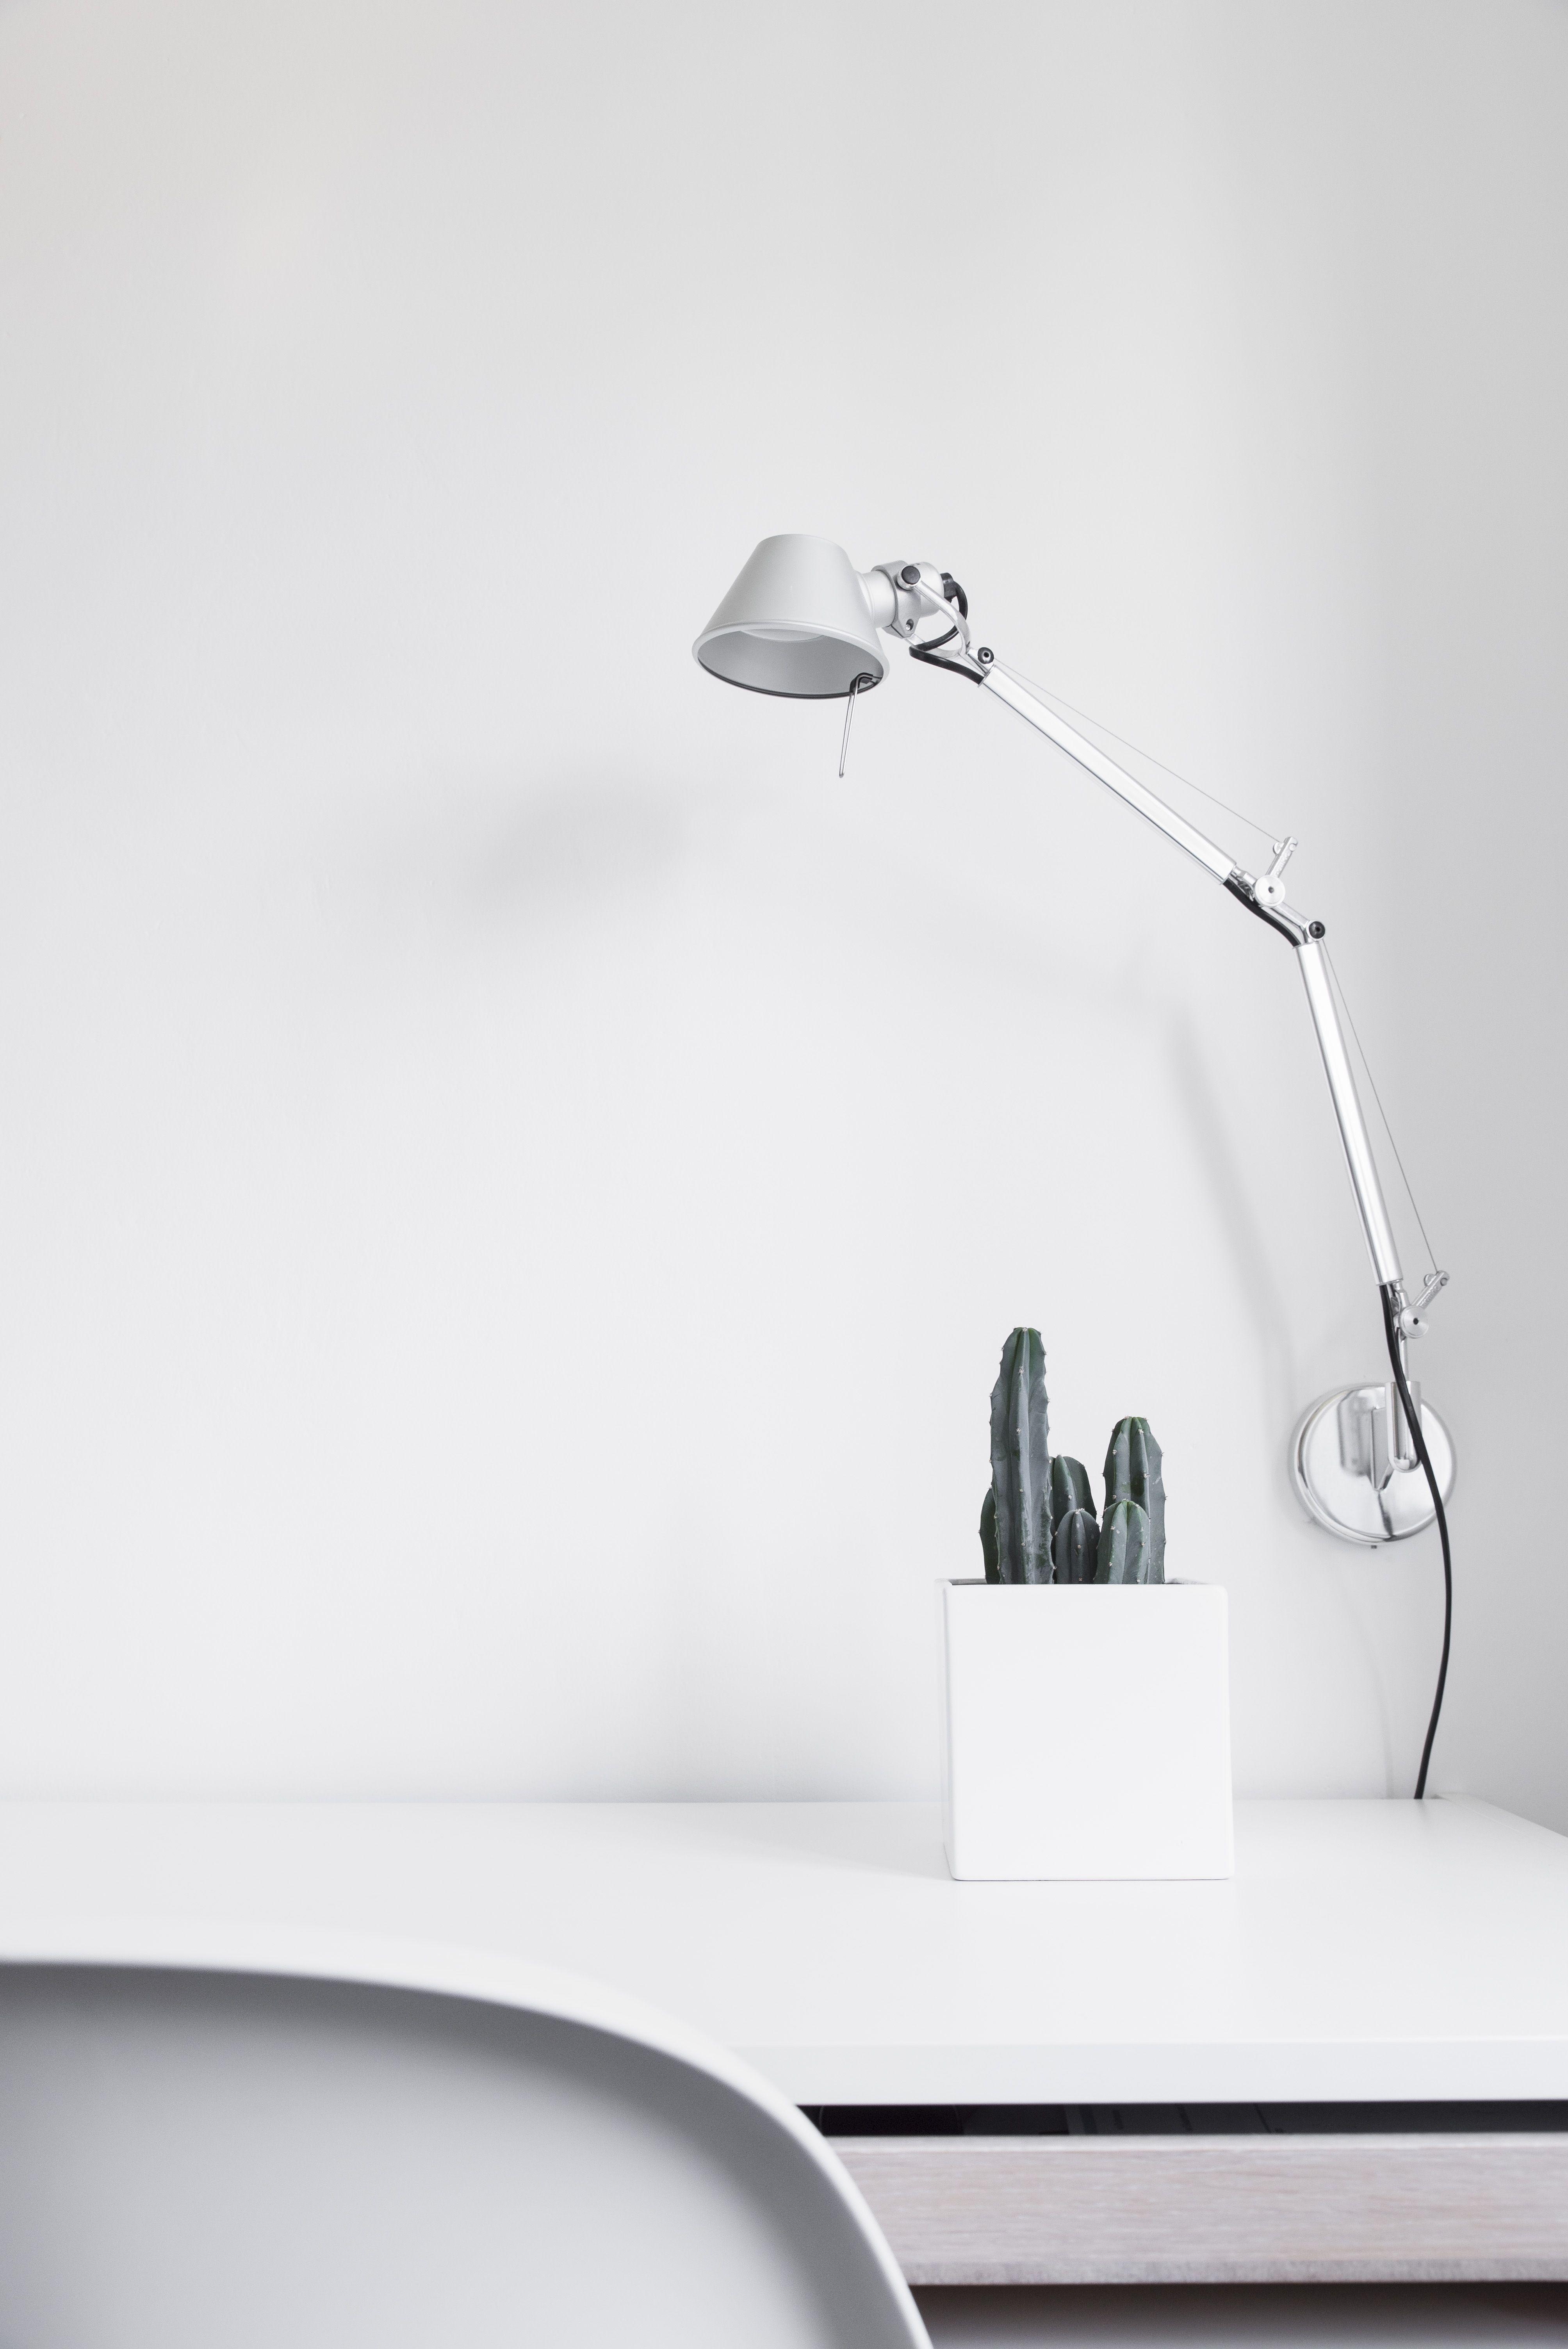 desktop heimbüro pinterest workspace arbeitszimmer desk schreibtisch minimum minimalismus interior workspace